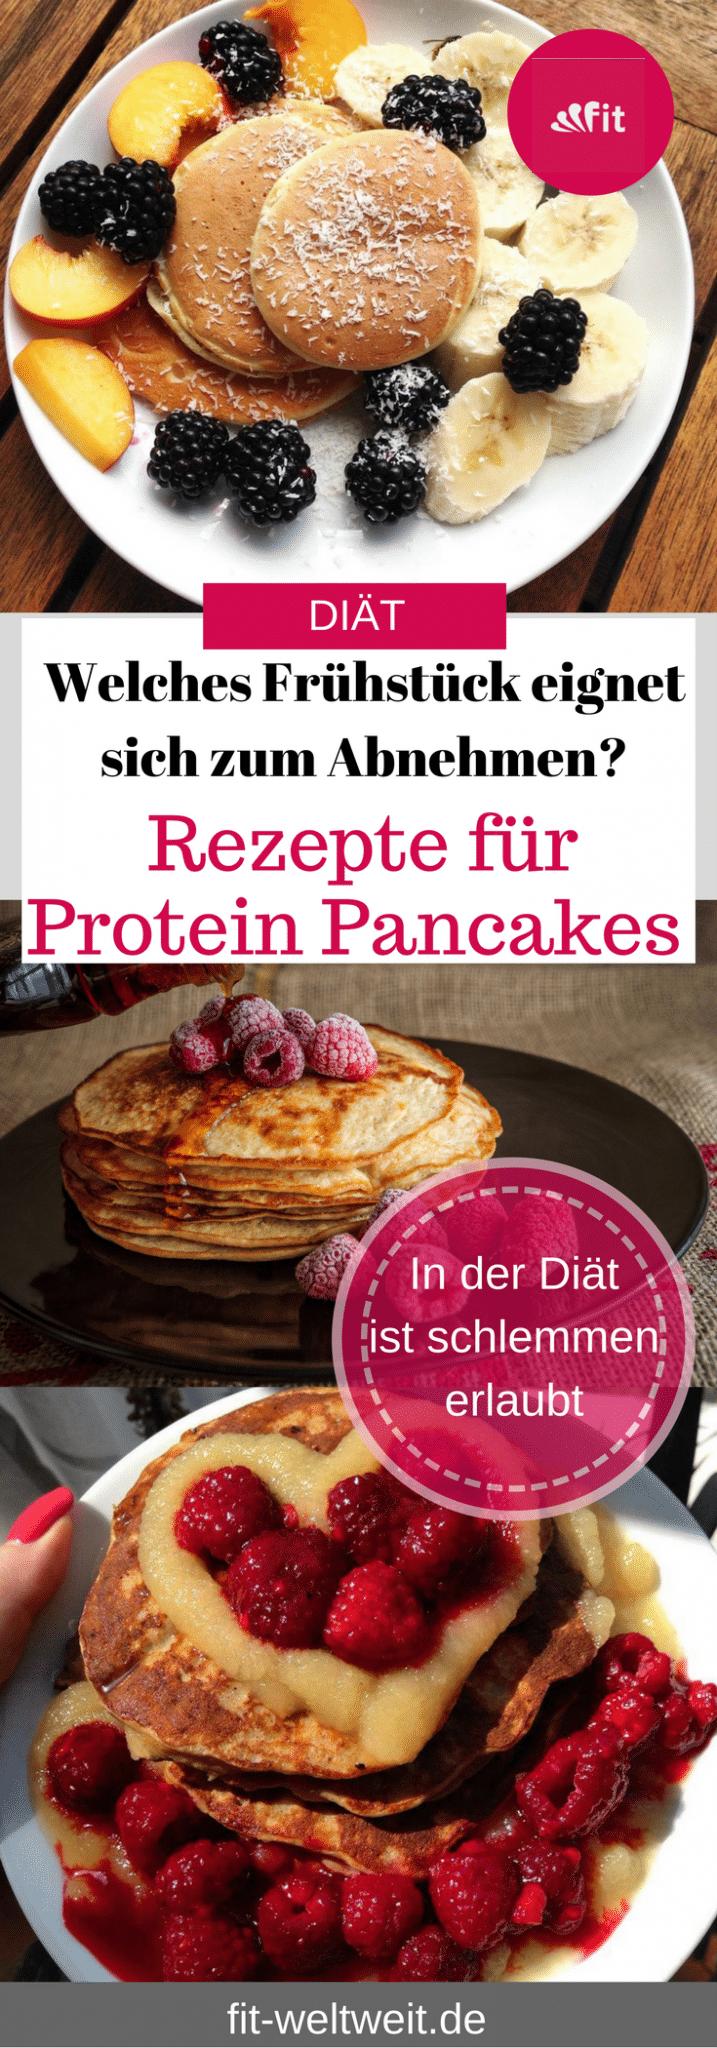 rezepte f r hcg protein pancakes stoffwechselkur und abnehmen geeignet. Black Bedroom Furniture Sets. Home Design Ideas